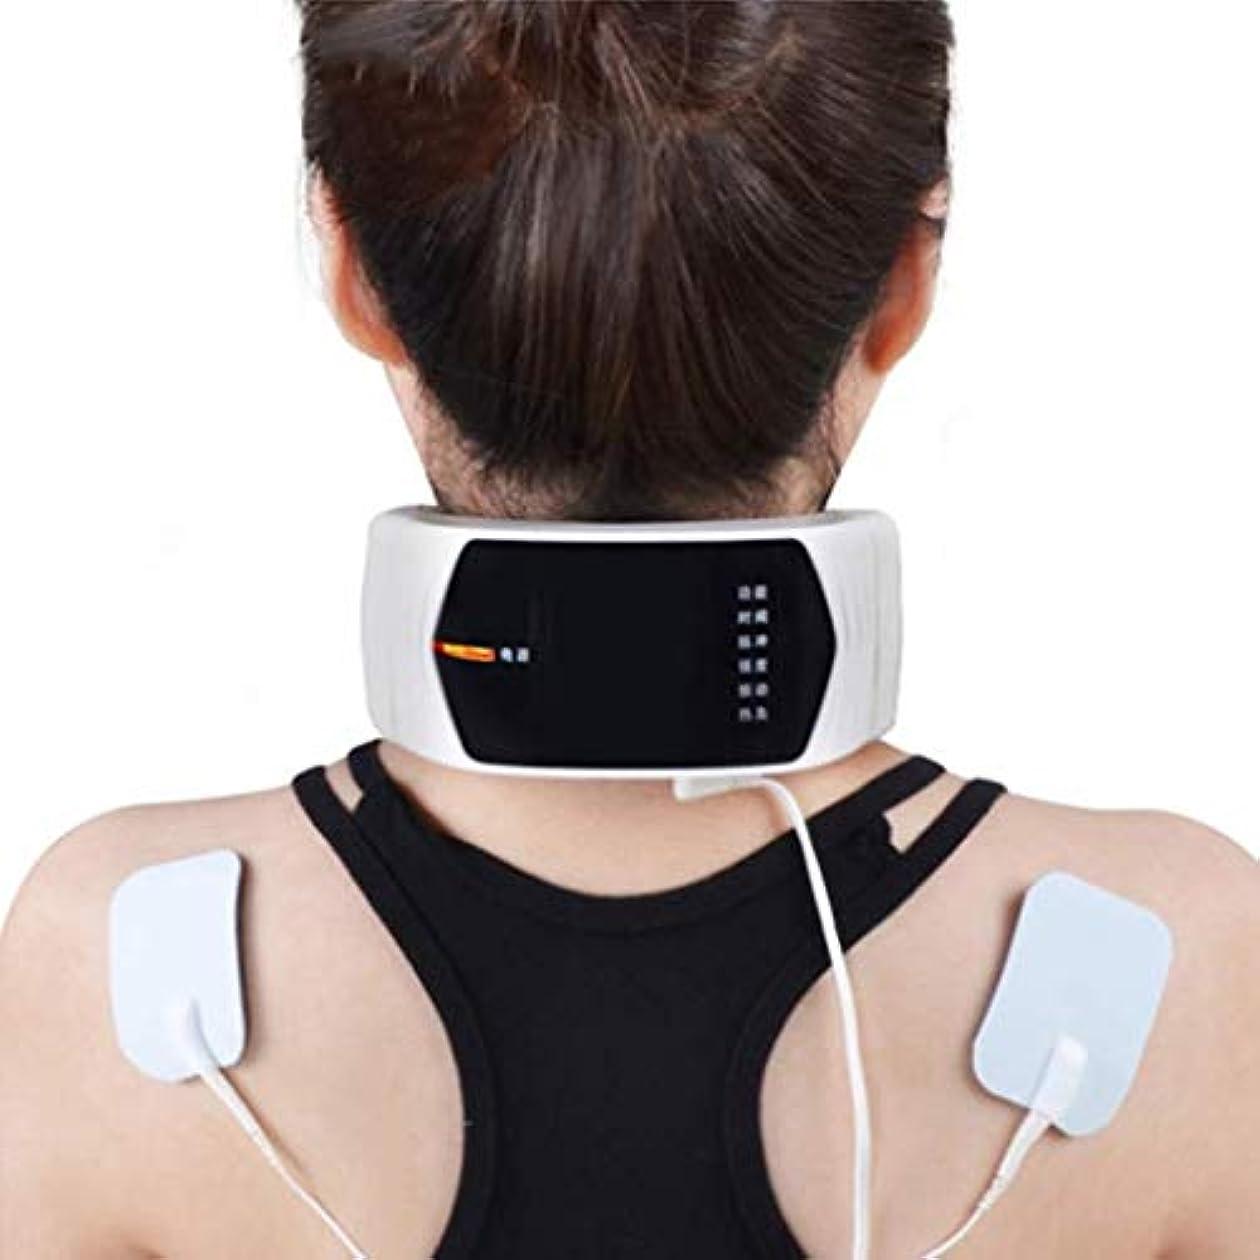 ブラジャーコメントナチュラル電動マッサージャー、パルスネック頸部マッサージャー、ワイヤレスリモコンマッサージツール、インテリジェント理学療法マッサージャープラスアダプター